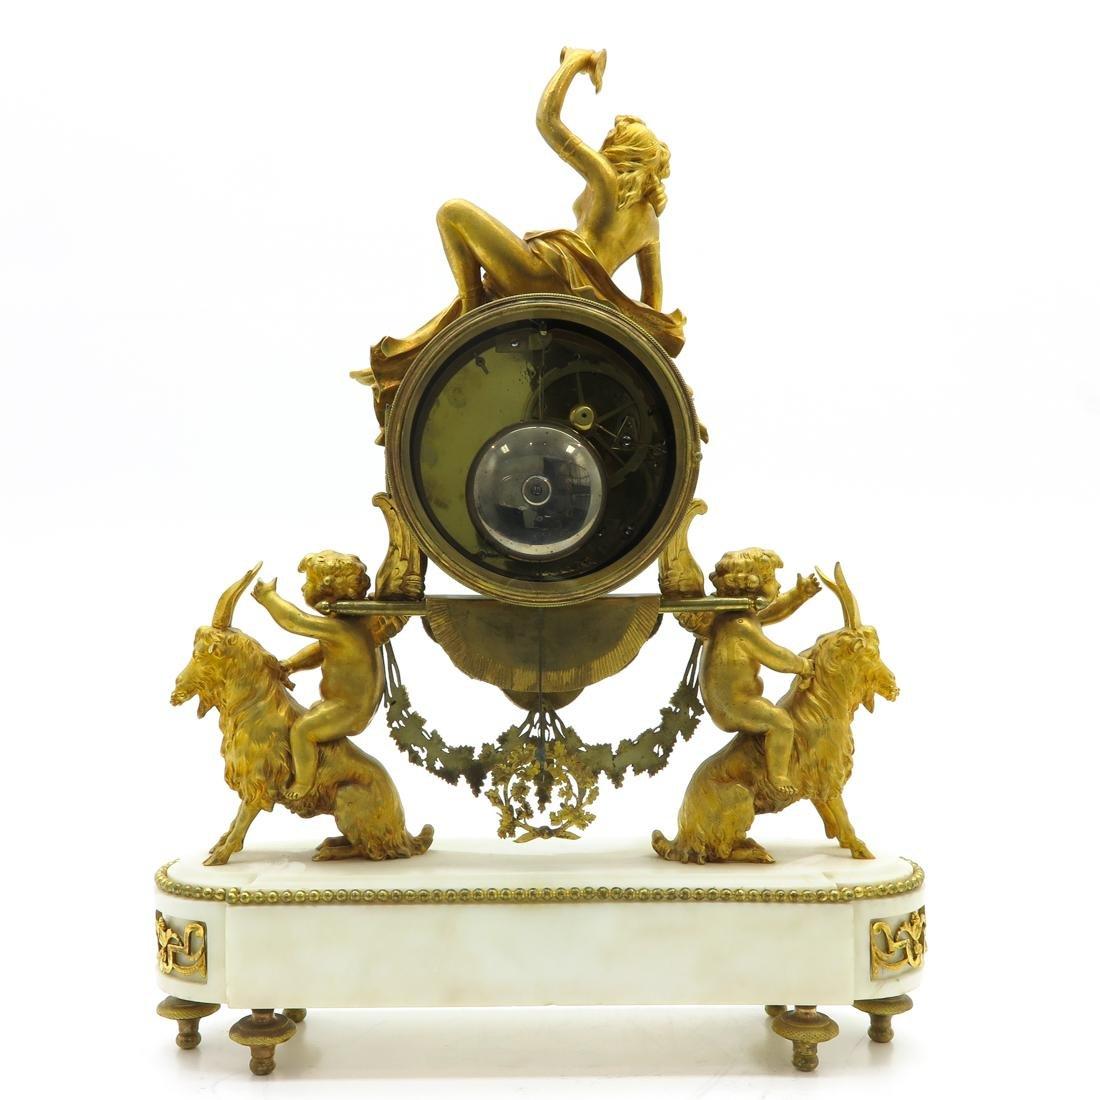 French Louis XVI Period Pendule Signed Le Poute a Paris - 3